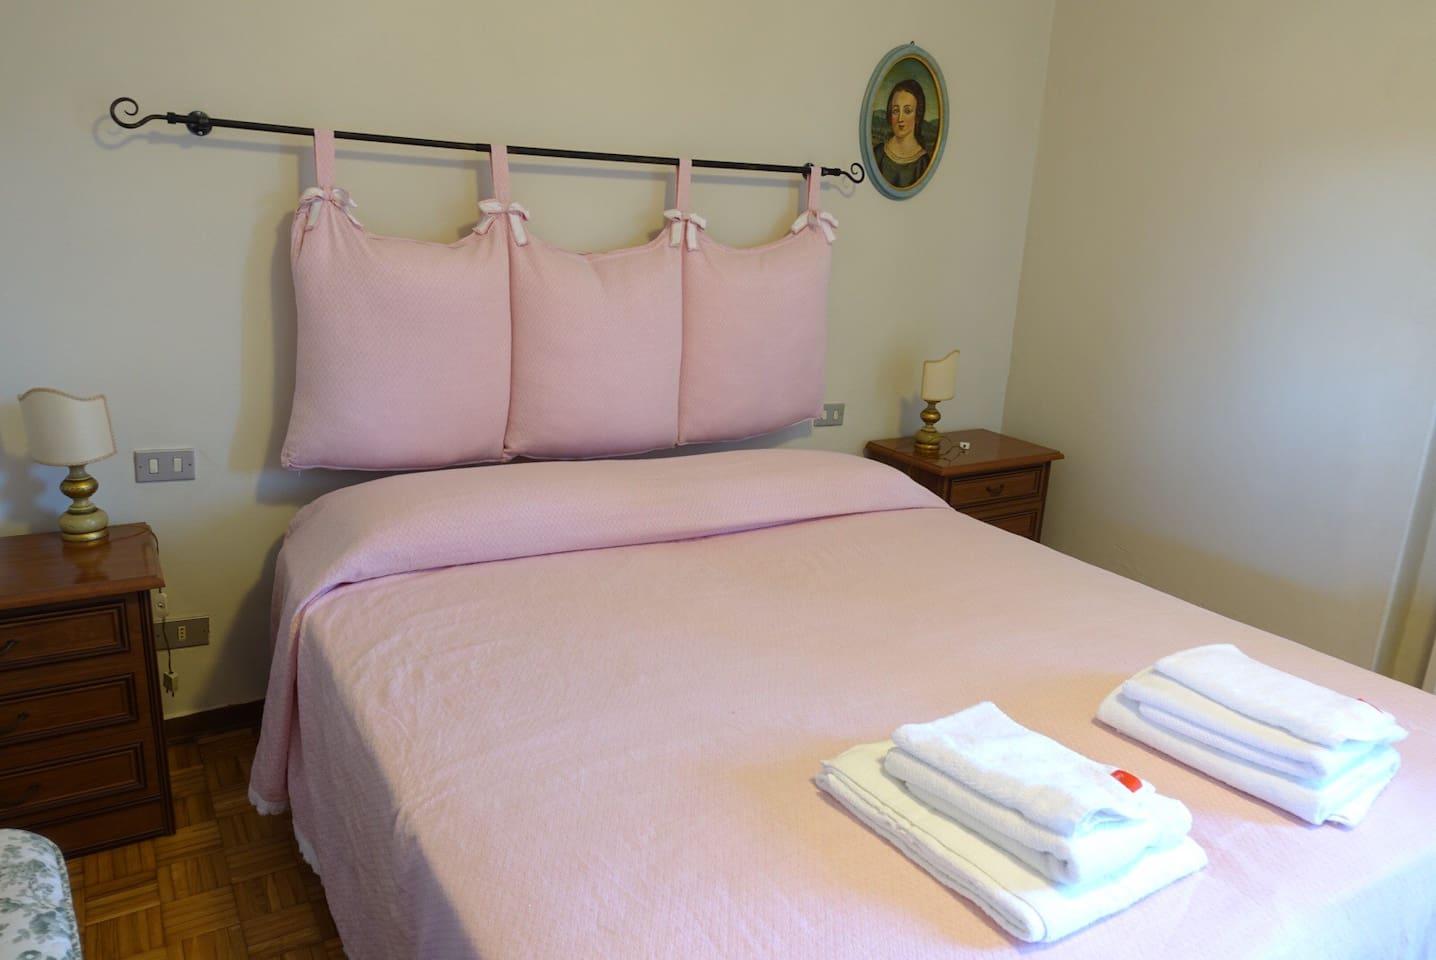 Camera da letto completa di lenzuola, asciugamani e teli da bagno